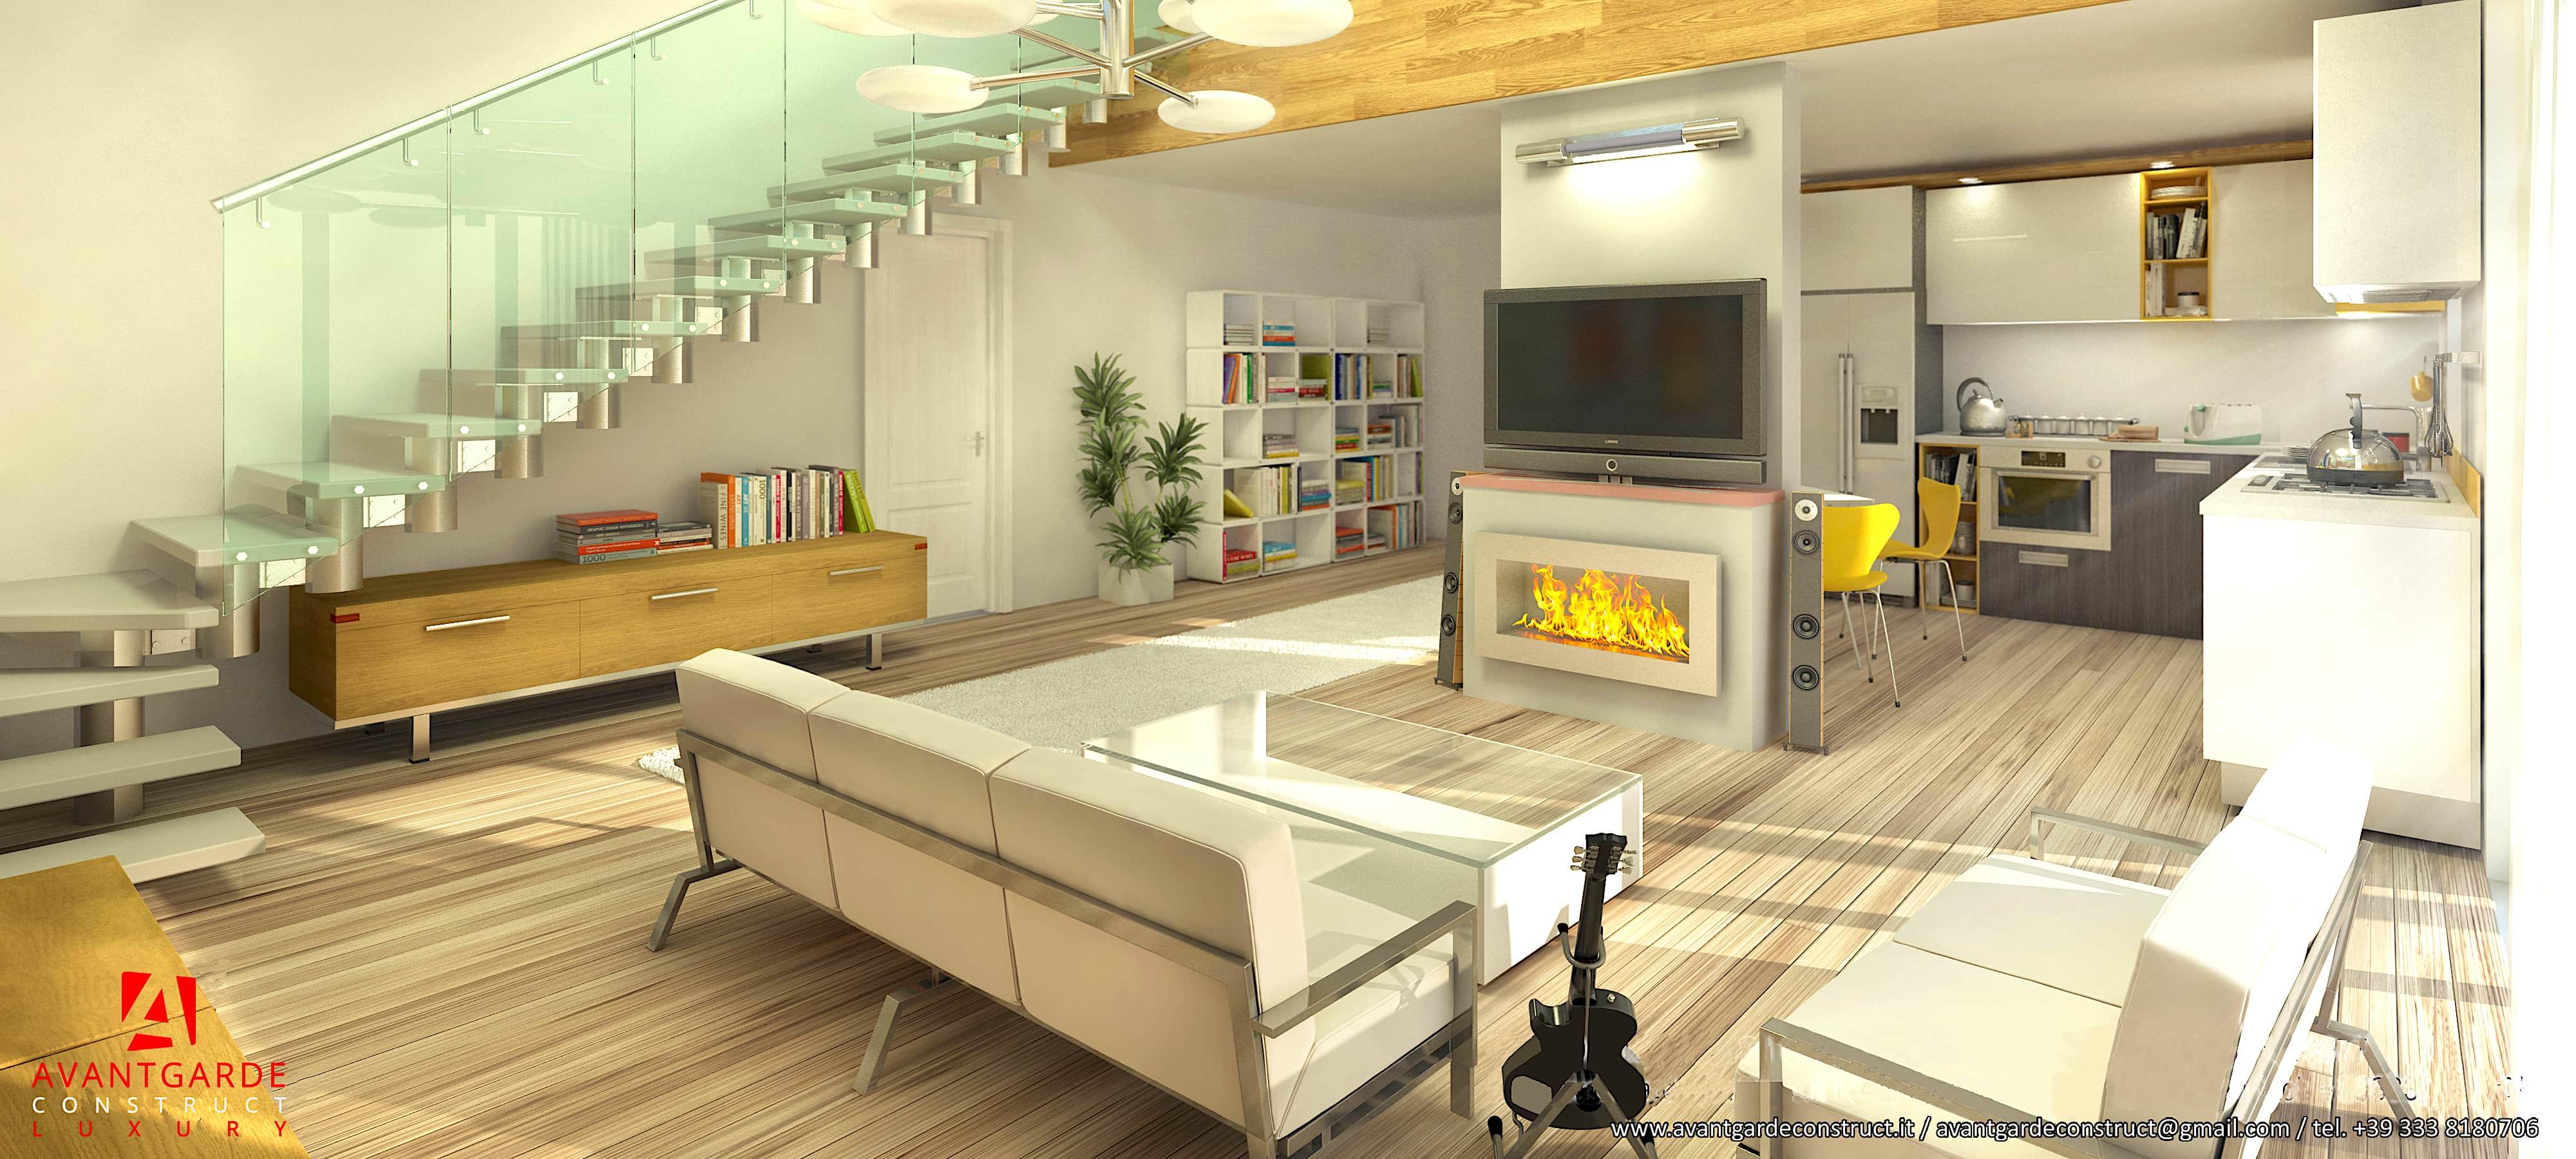 Ville in legno interni